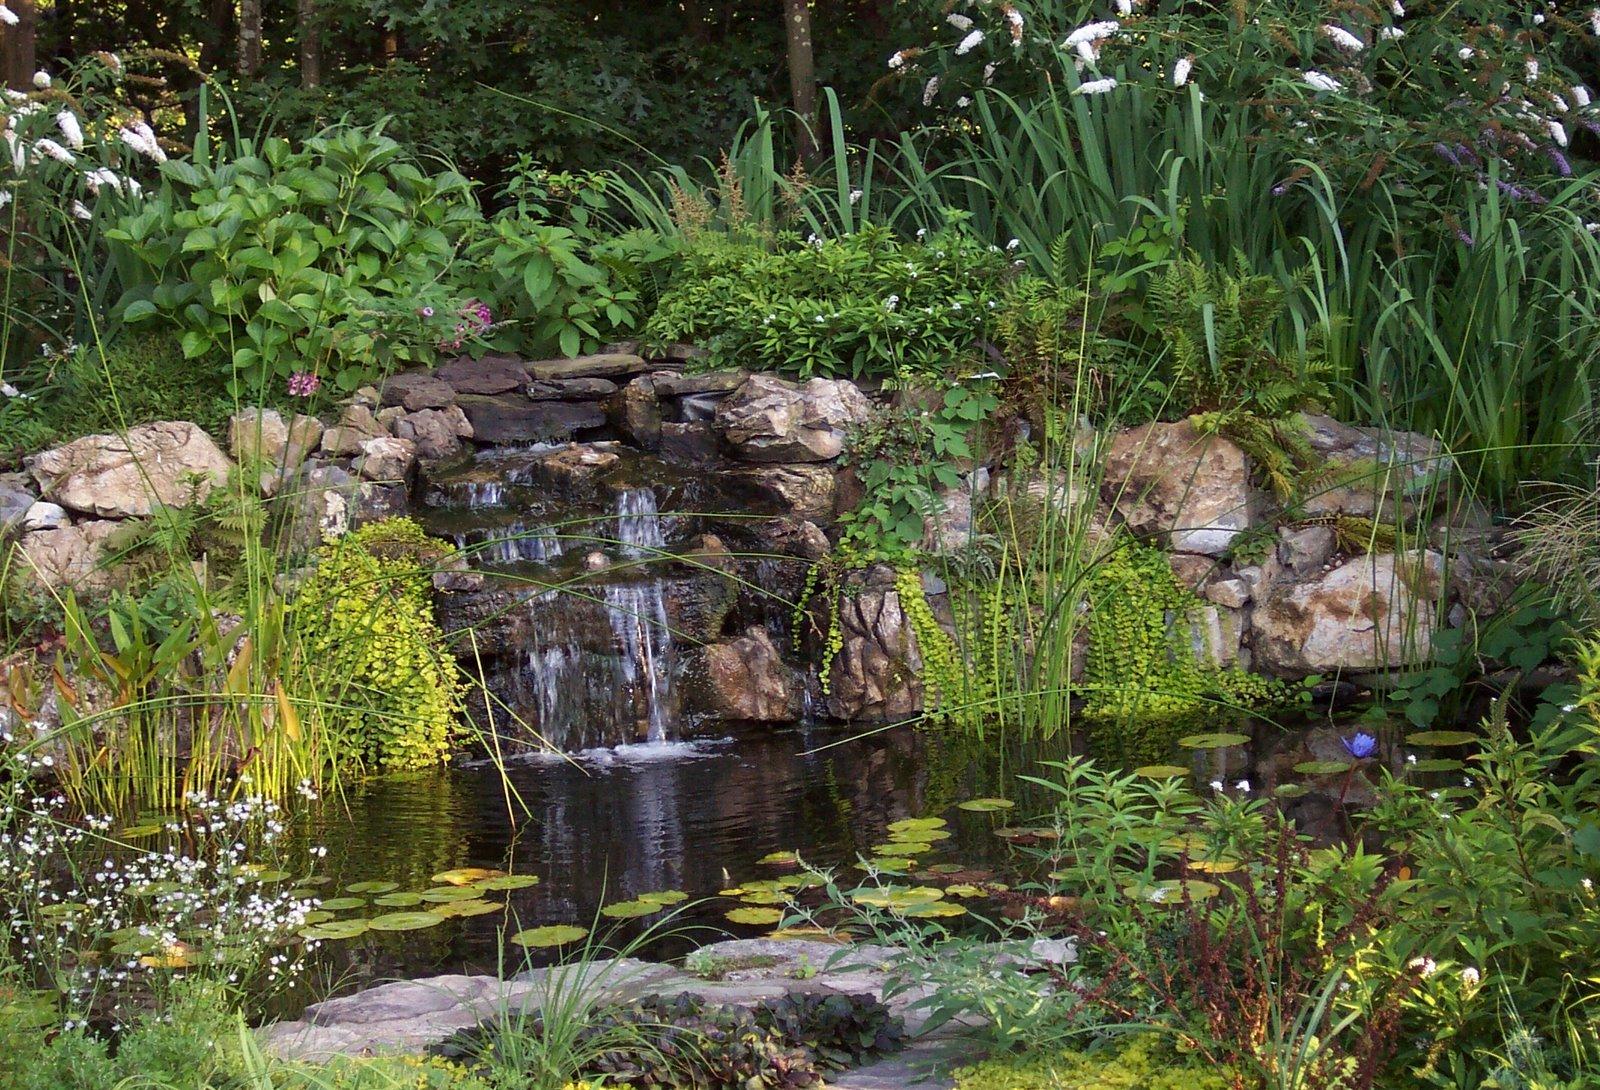 Il giardino delle naiadi acquatiche officinali for Piante acquatiche laghetto